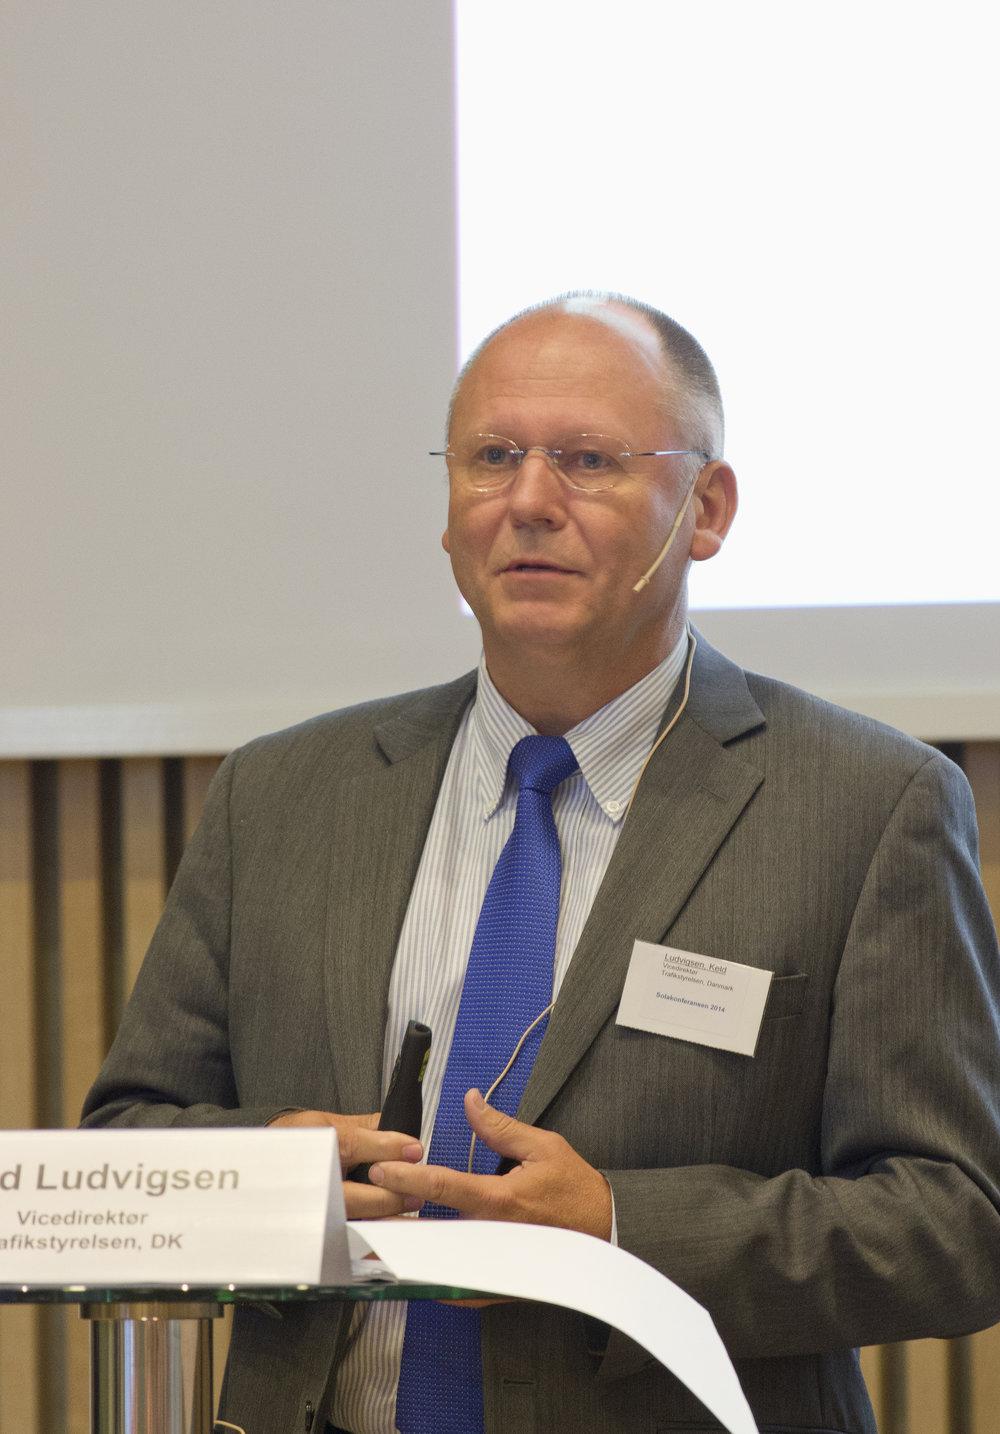 Keld Ludvigsen (3).JPG